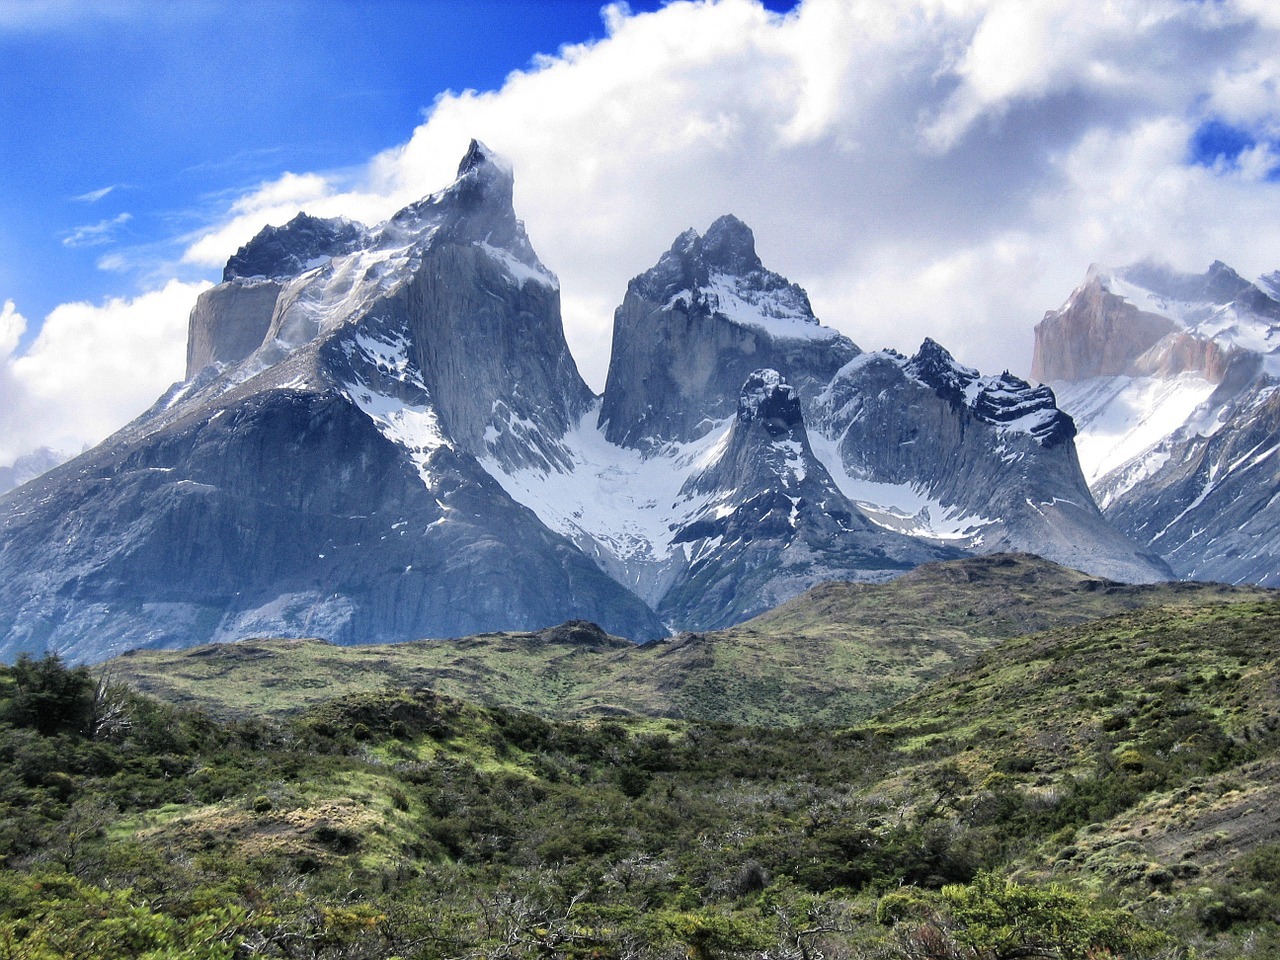 parco nazionale torres del paine escursionismo